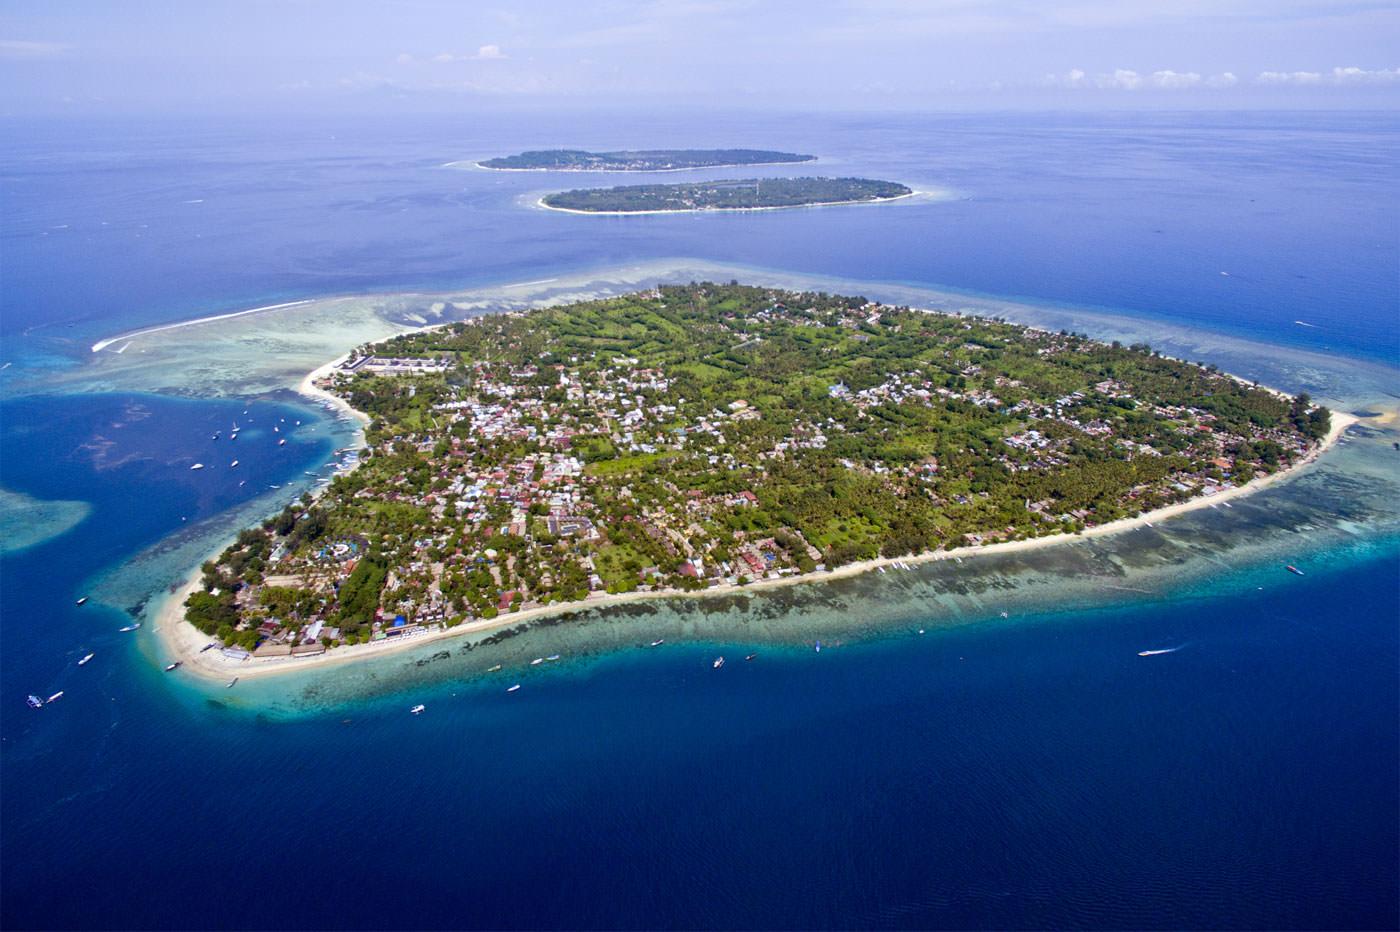 جزیره گیلی ایر از مجموعه جزایر گیلی در بالی